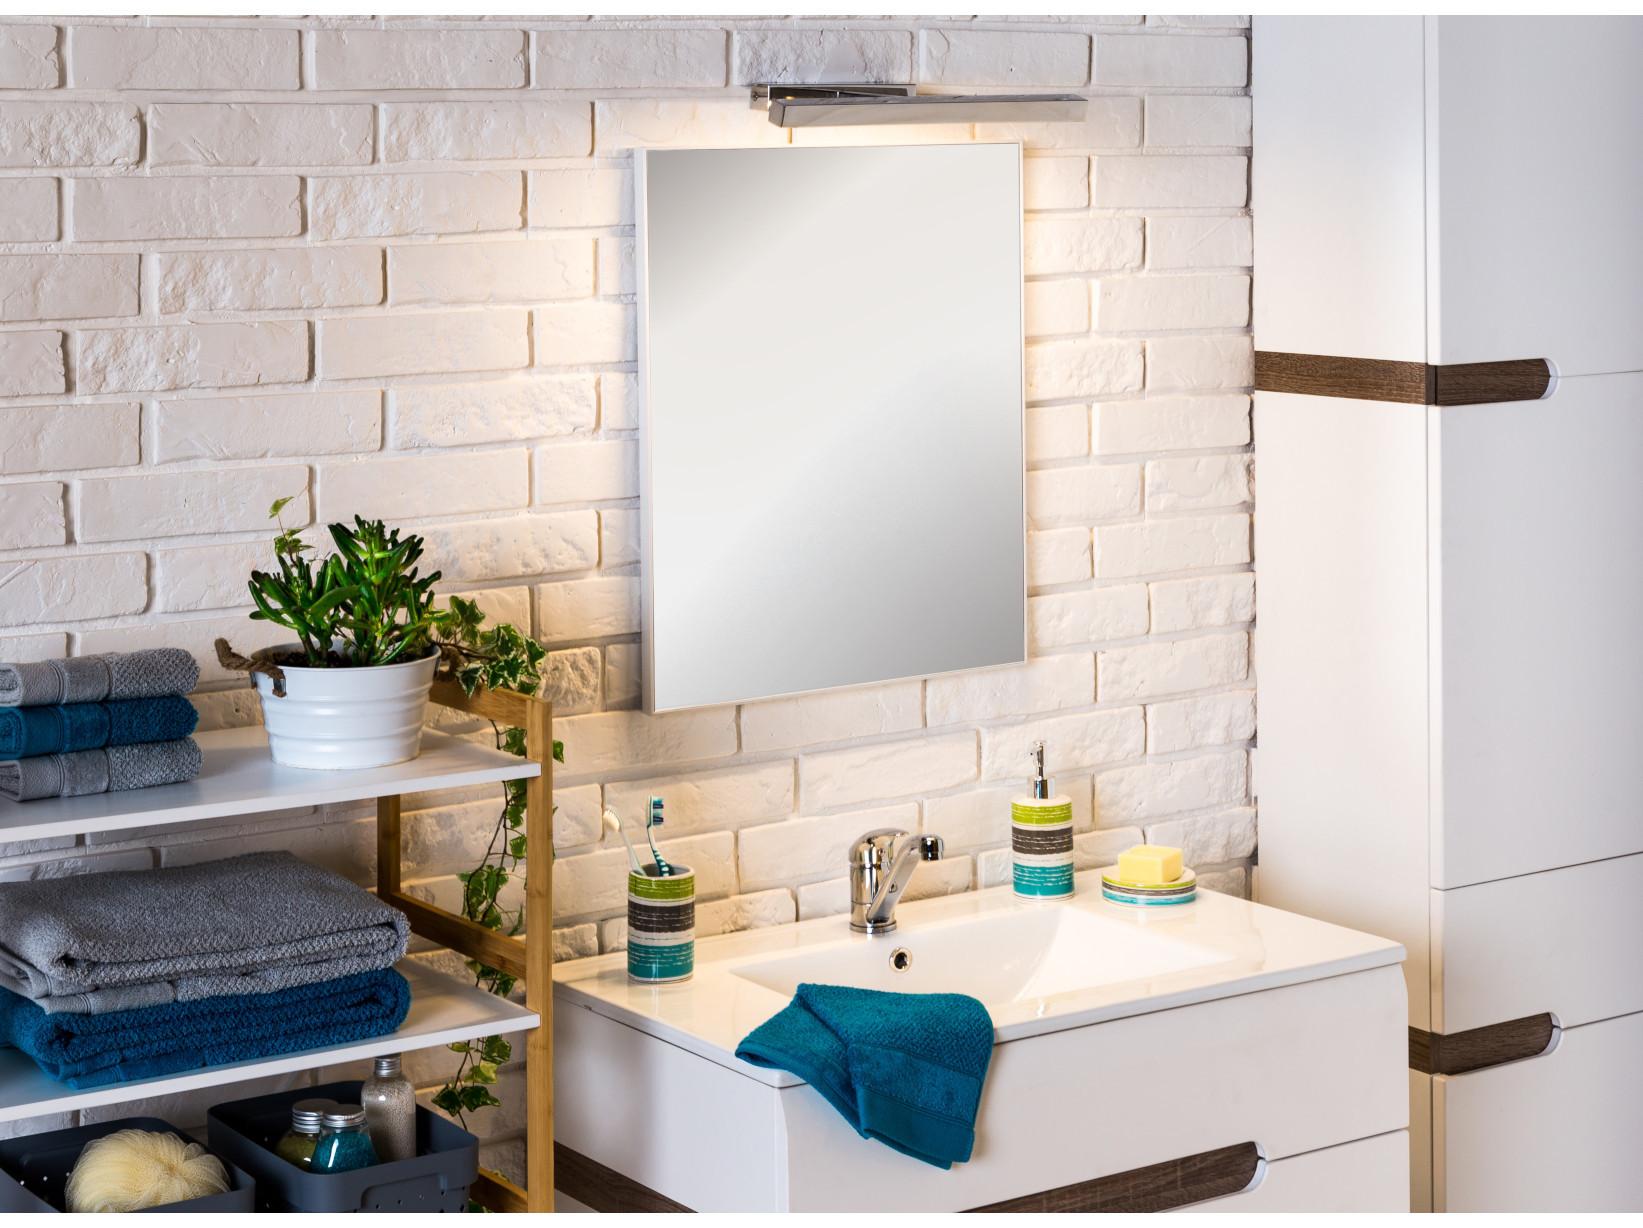 Jak Dobrze Oświetlić Lustro W łazience Salony Agata